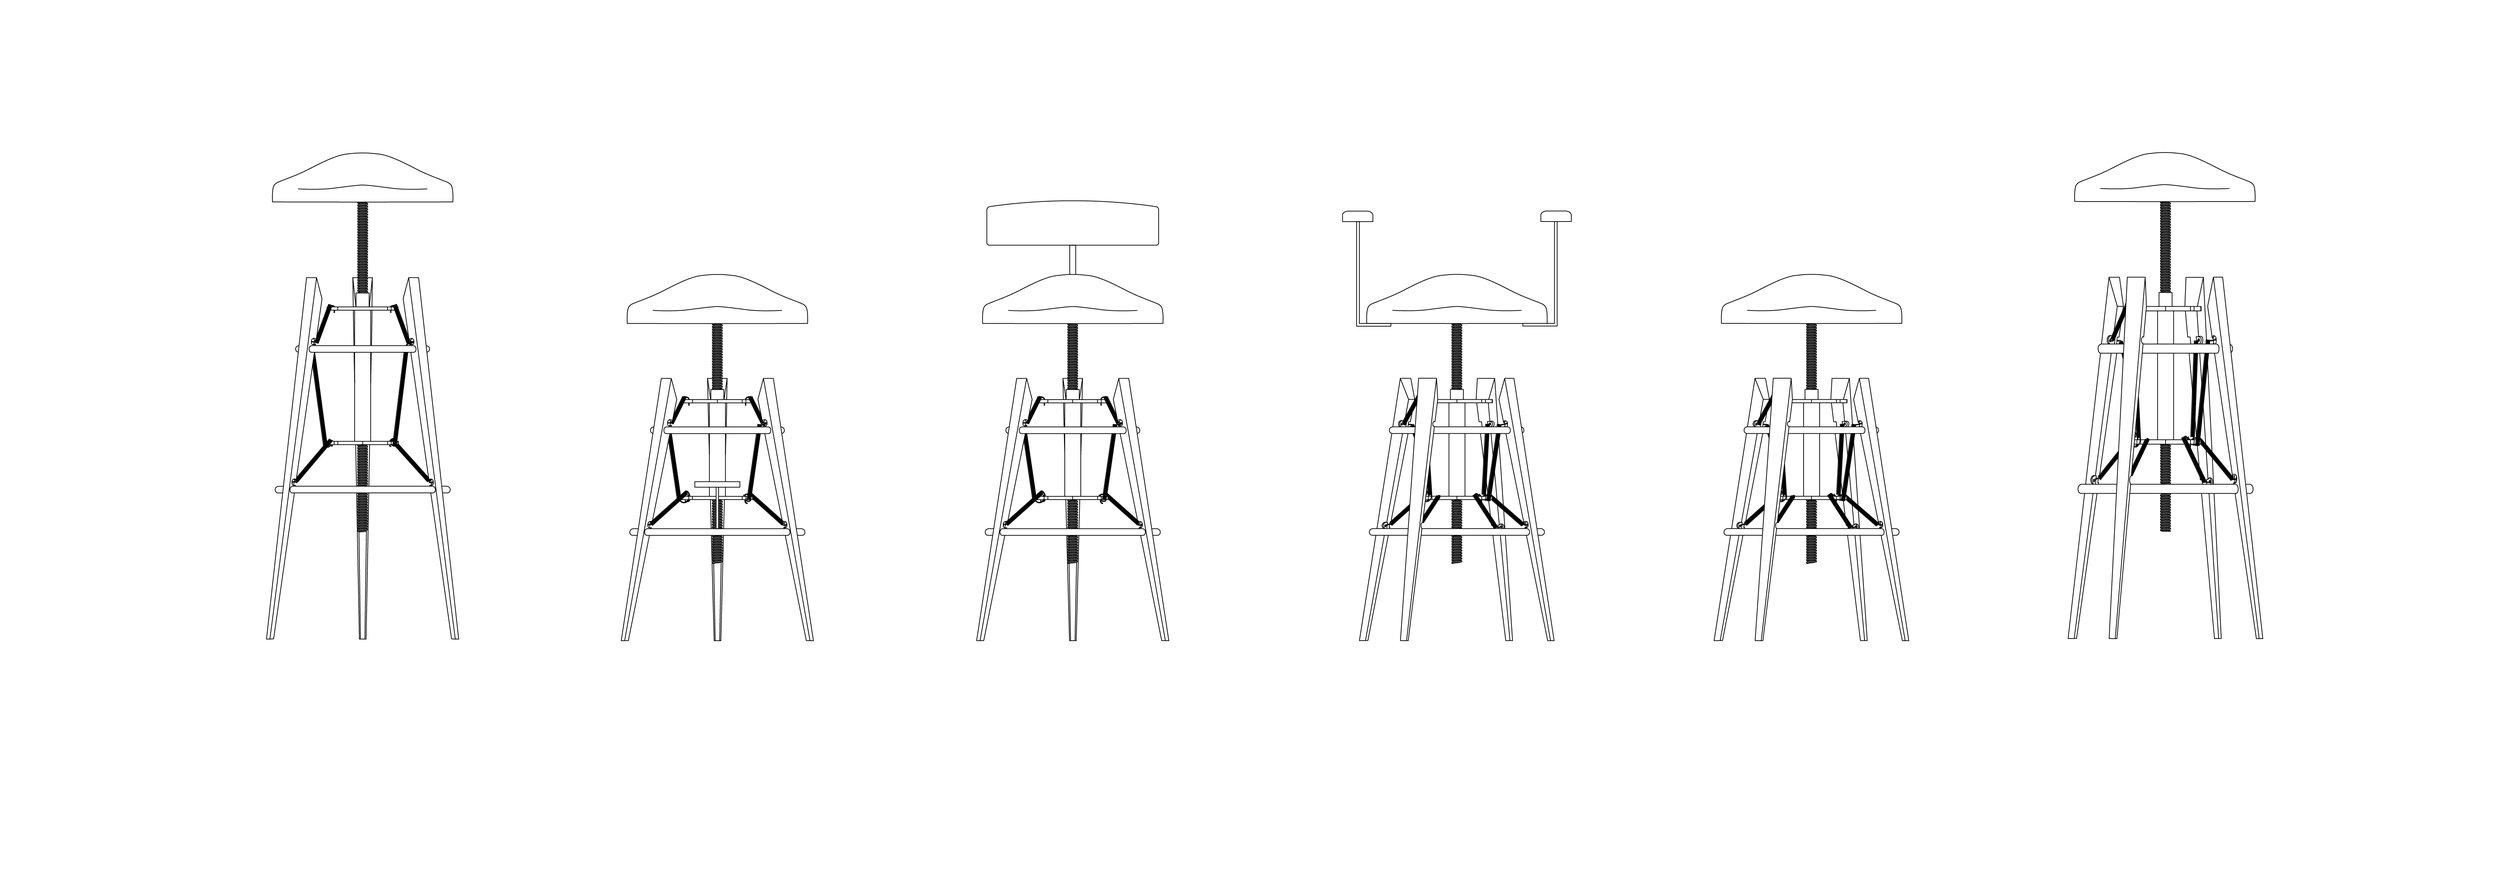 stool variations.jpg